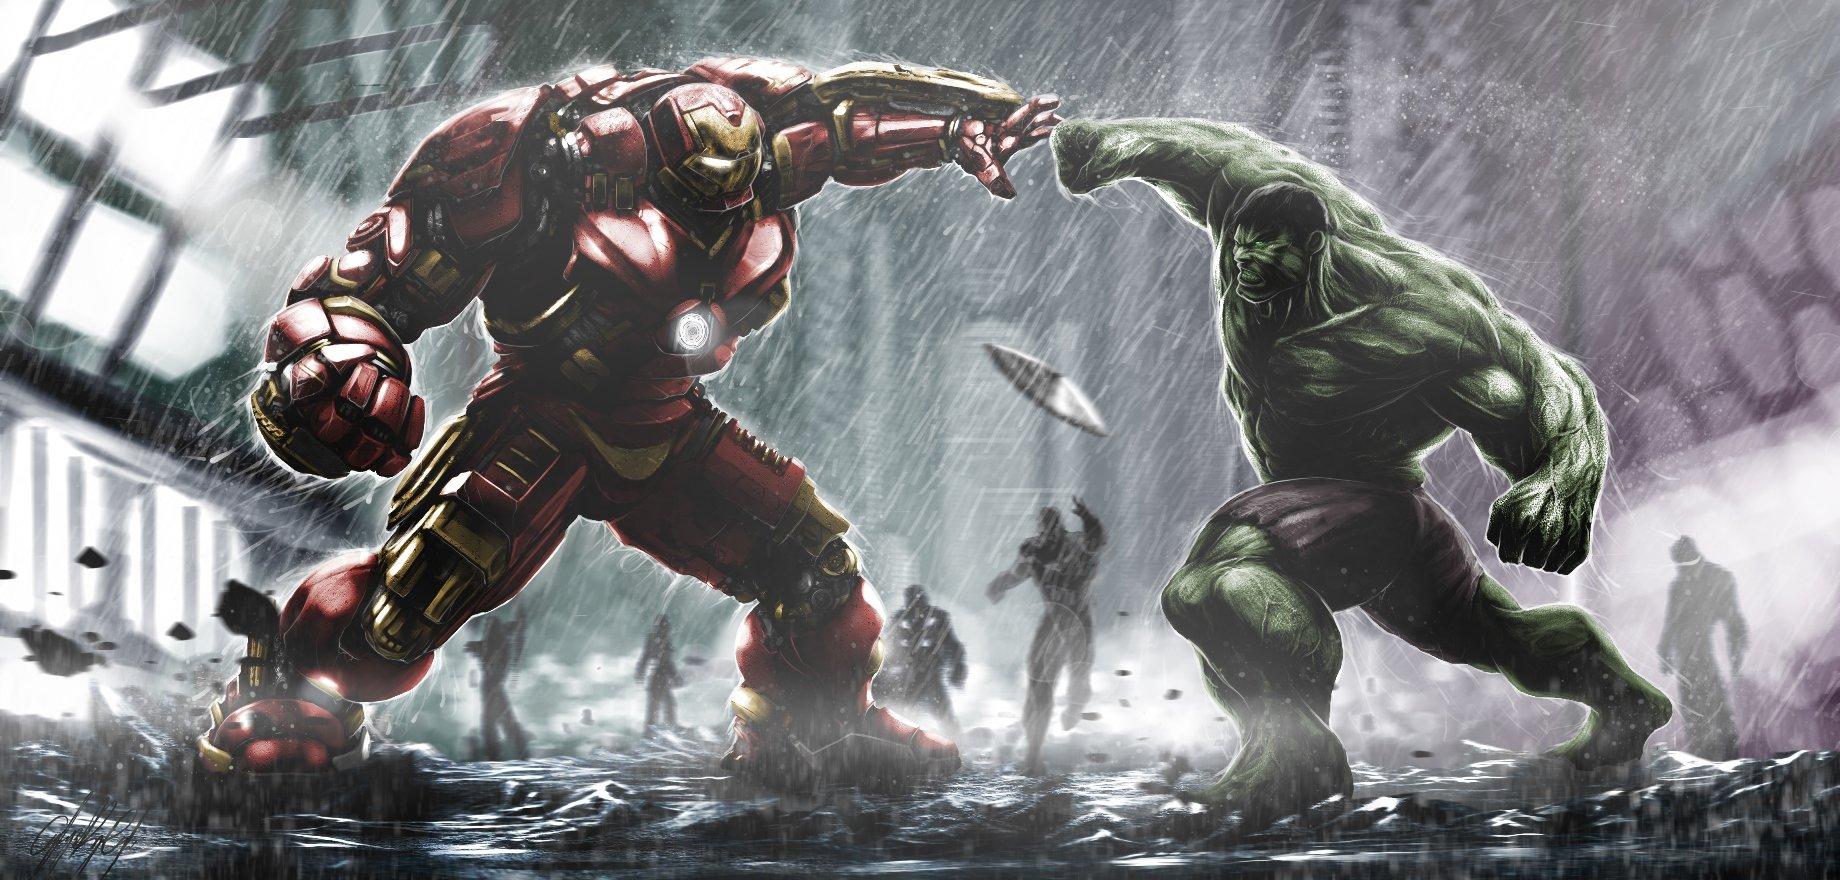 Hulki   kopya